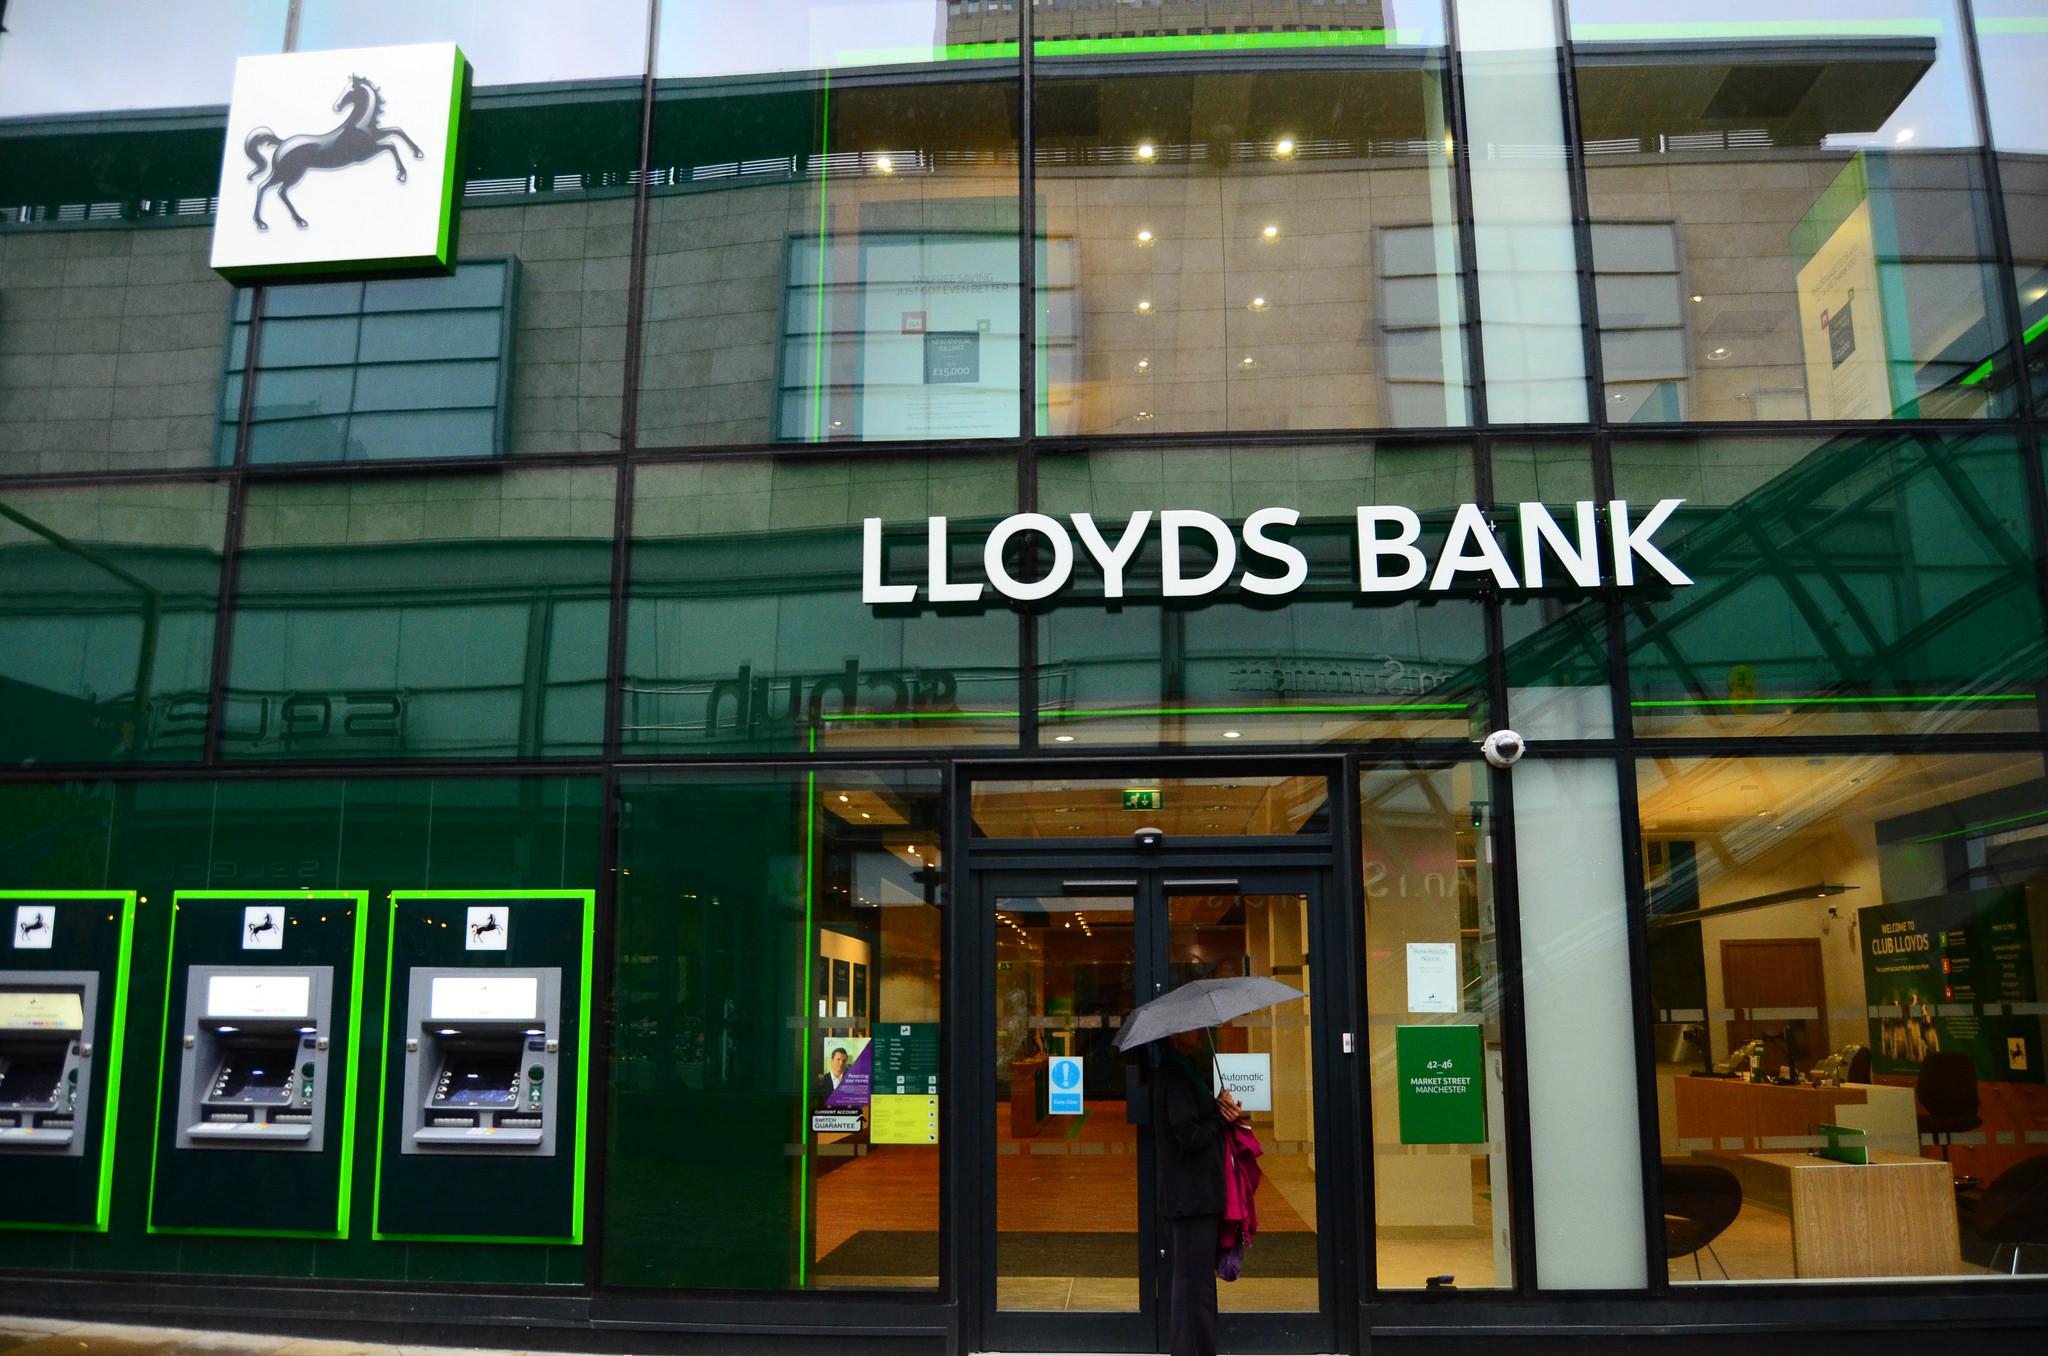 Lloyds Bank confirms branch closures and 9,000 job losses | Descrier ...